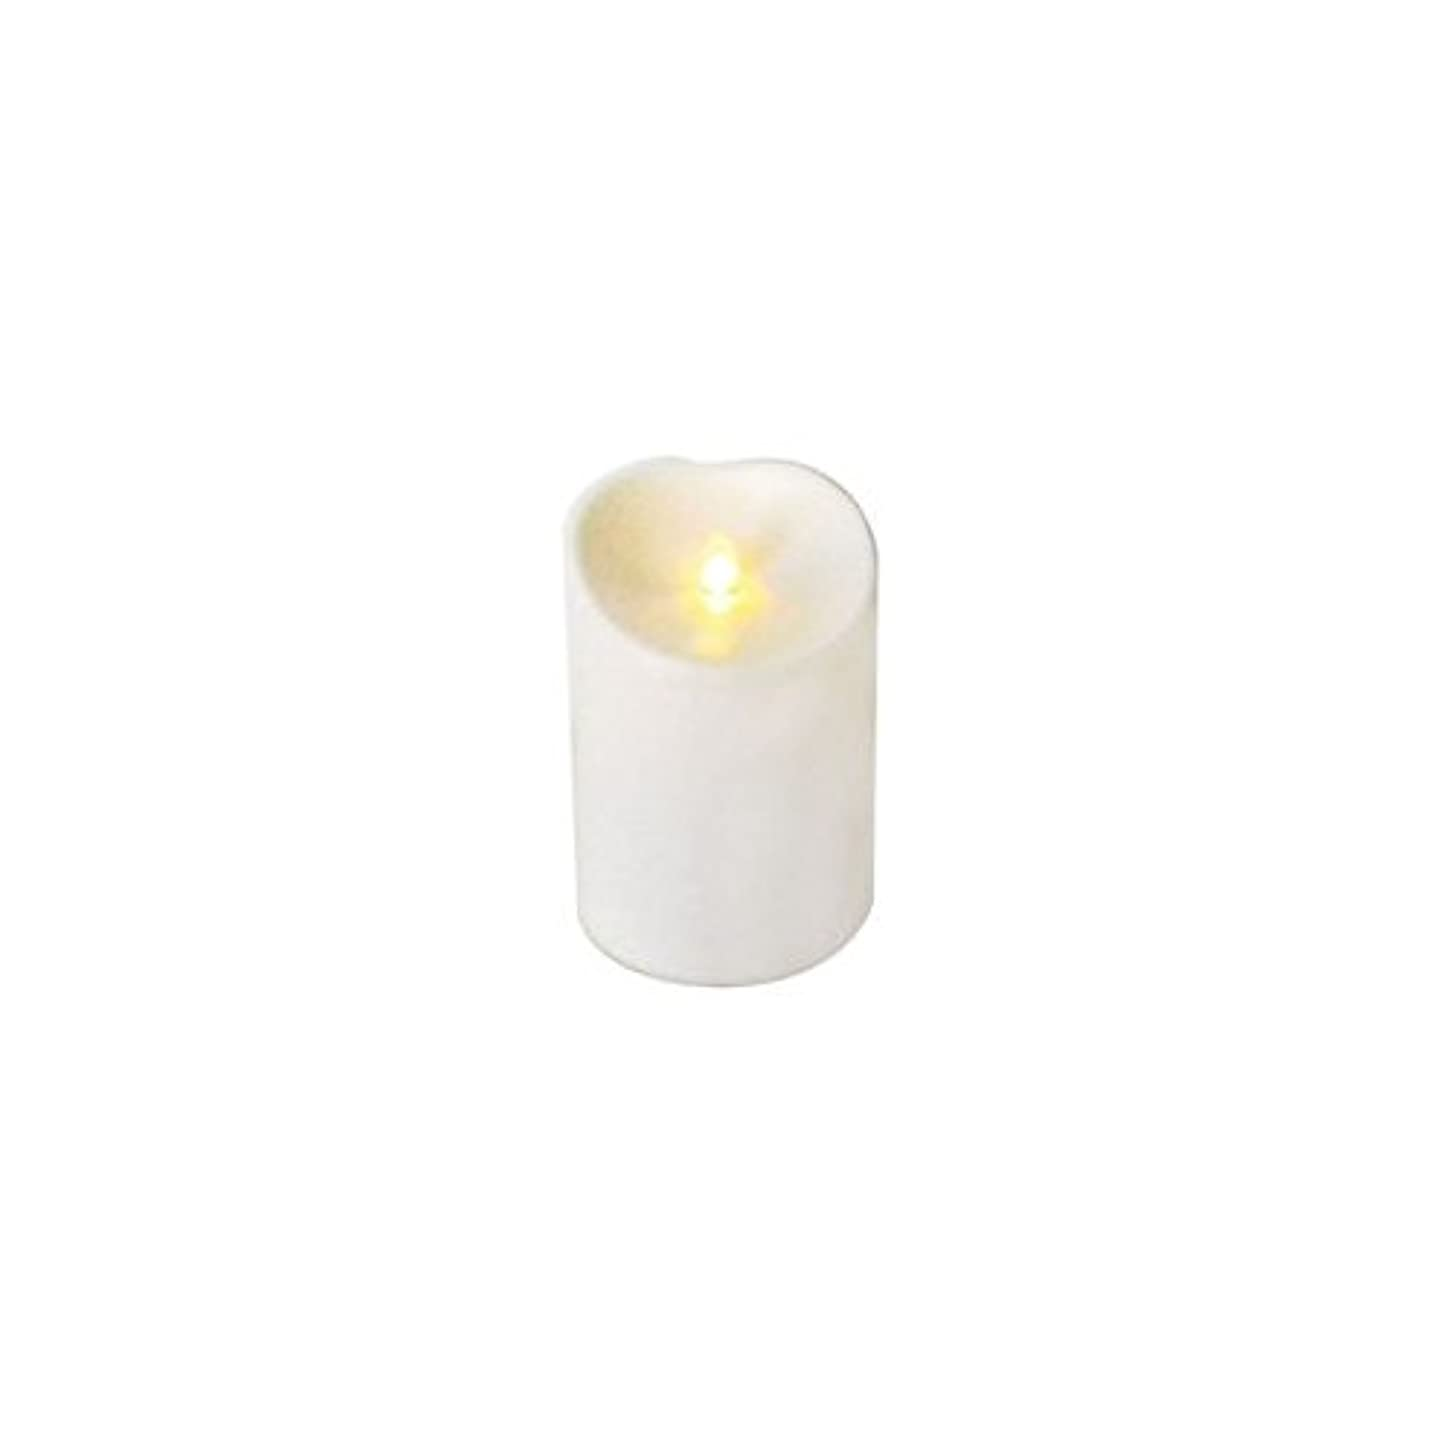 克服する姓弱まるLUMINARA(ルミナラ)アウトドアピラー3.75×5 「 アイボリー 」 03050000